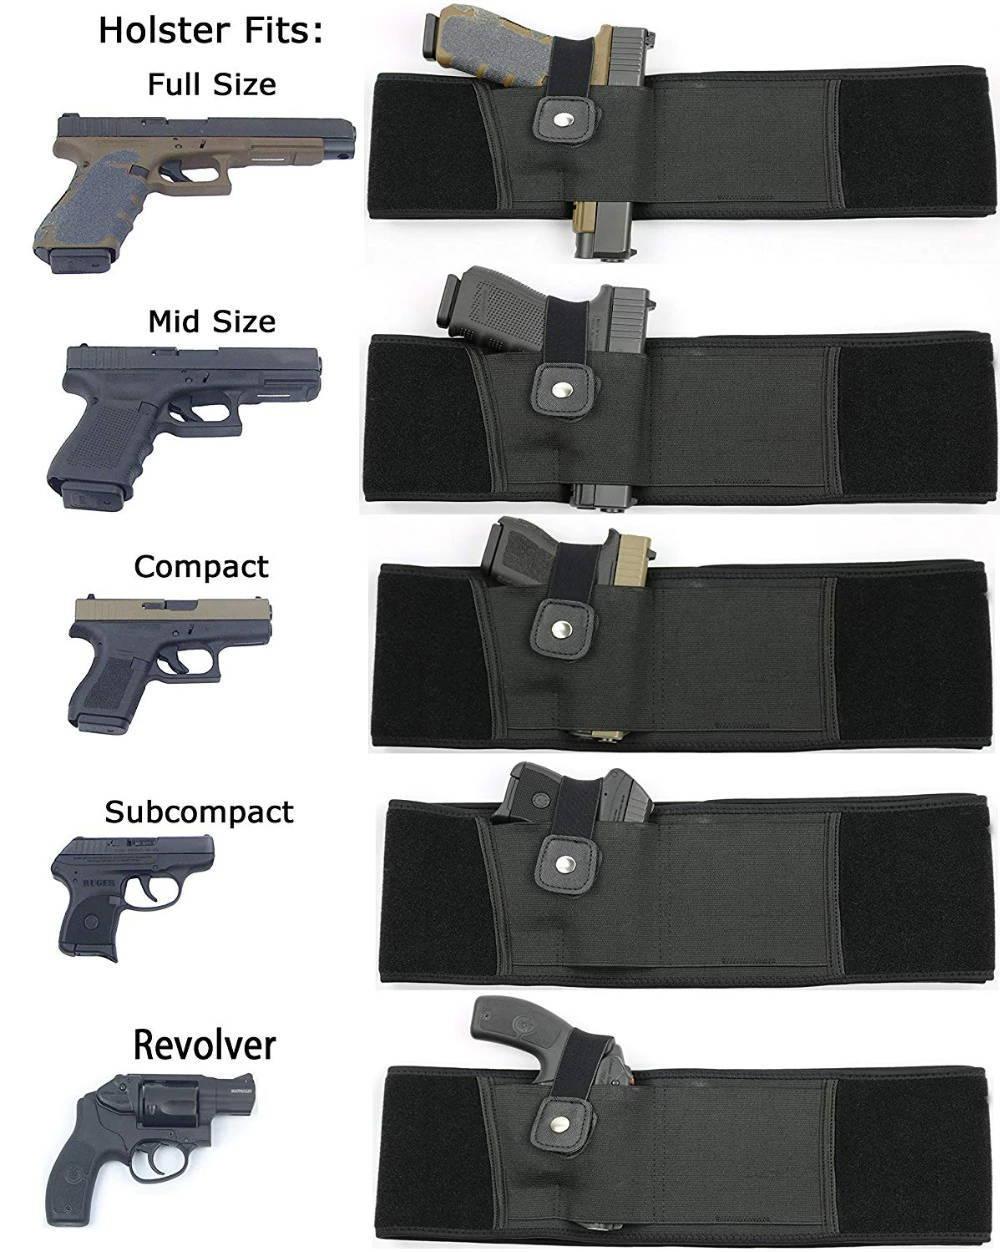 female holsters, female belly band holster, women's gun holster